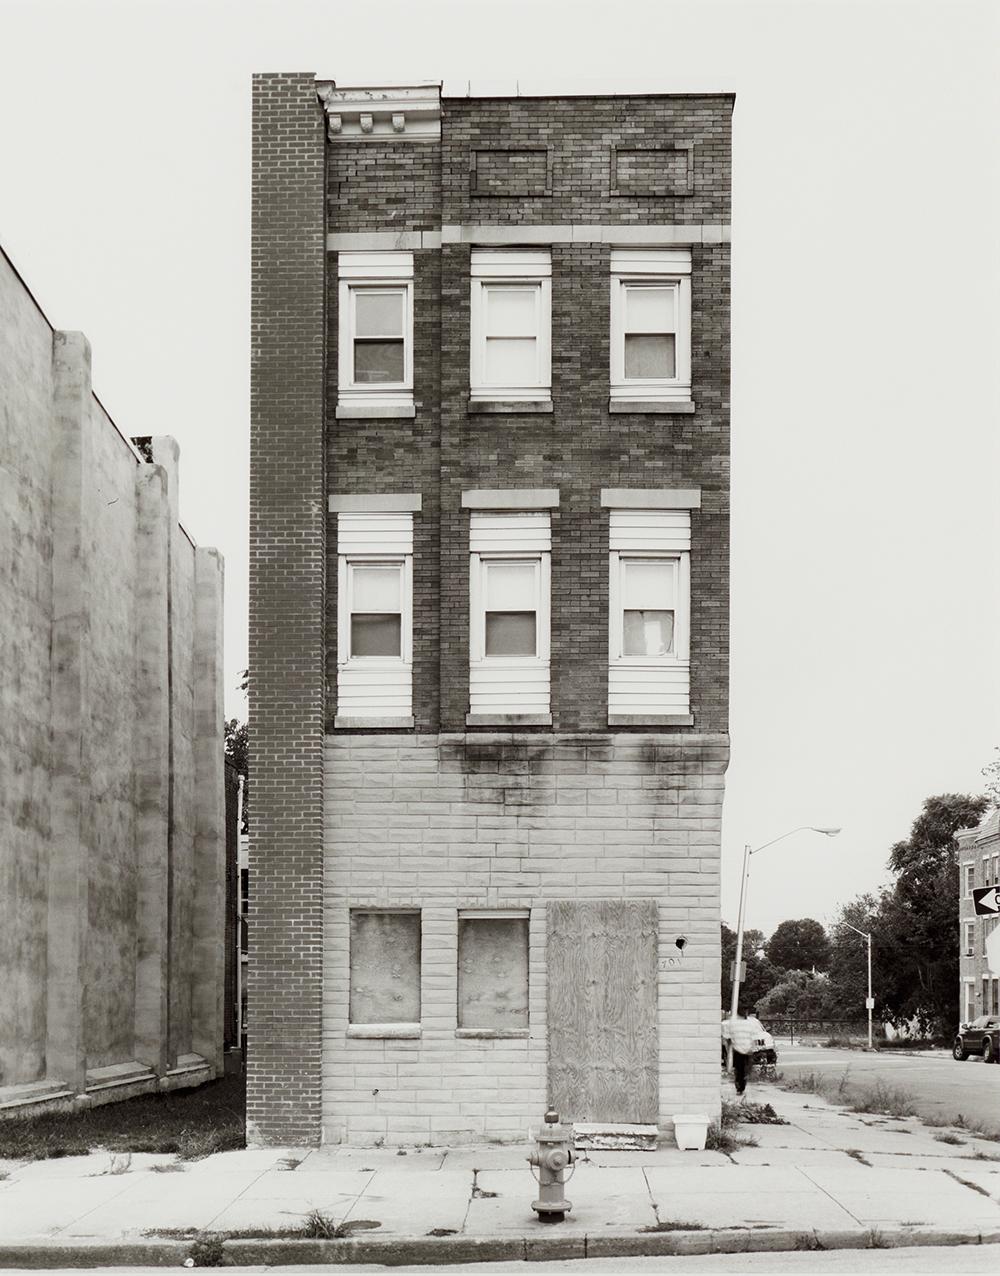 Joachim Koester, Some Boarded Up Houses 06, 2009-2013. Udvalg af fotografisk serie i 22 dele. Courtesy Nicolai Wallner.